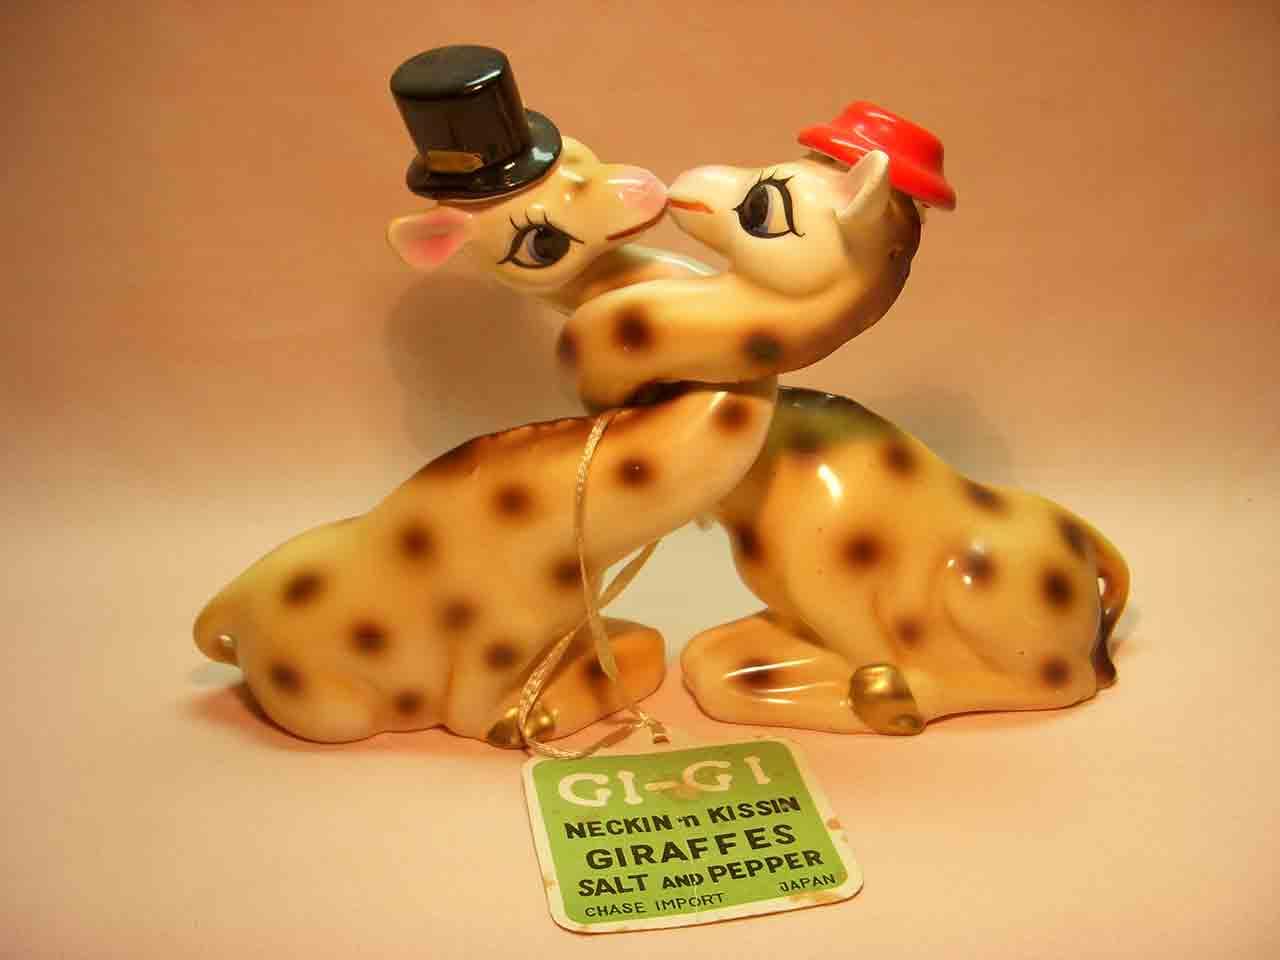 Neckin n Kissin giraffes salt and pepper shakers